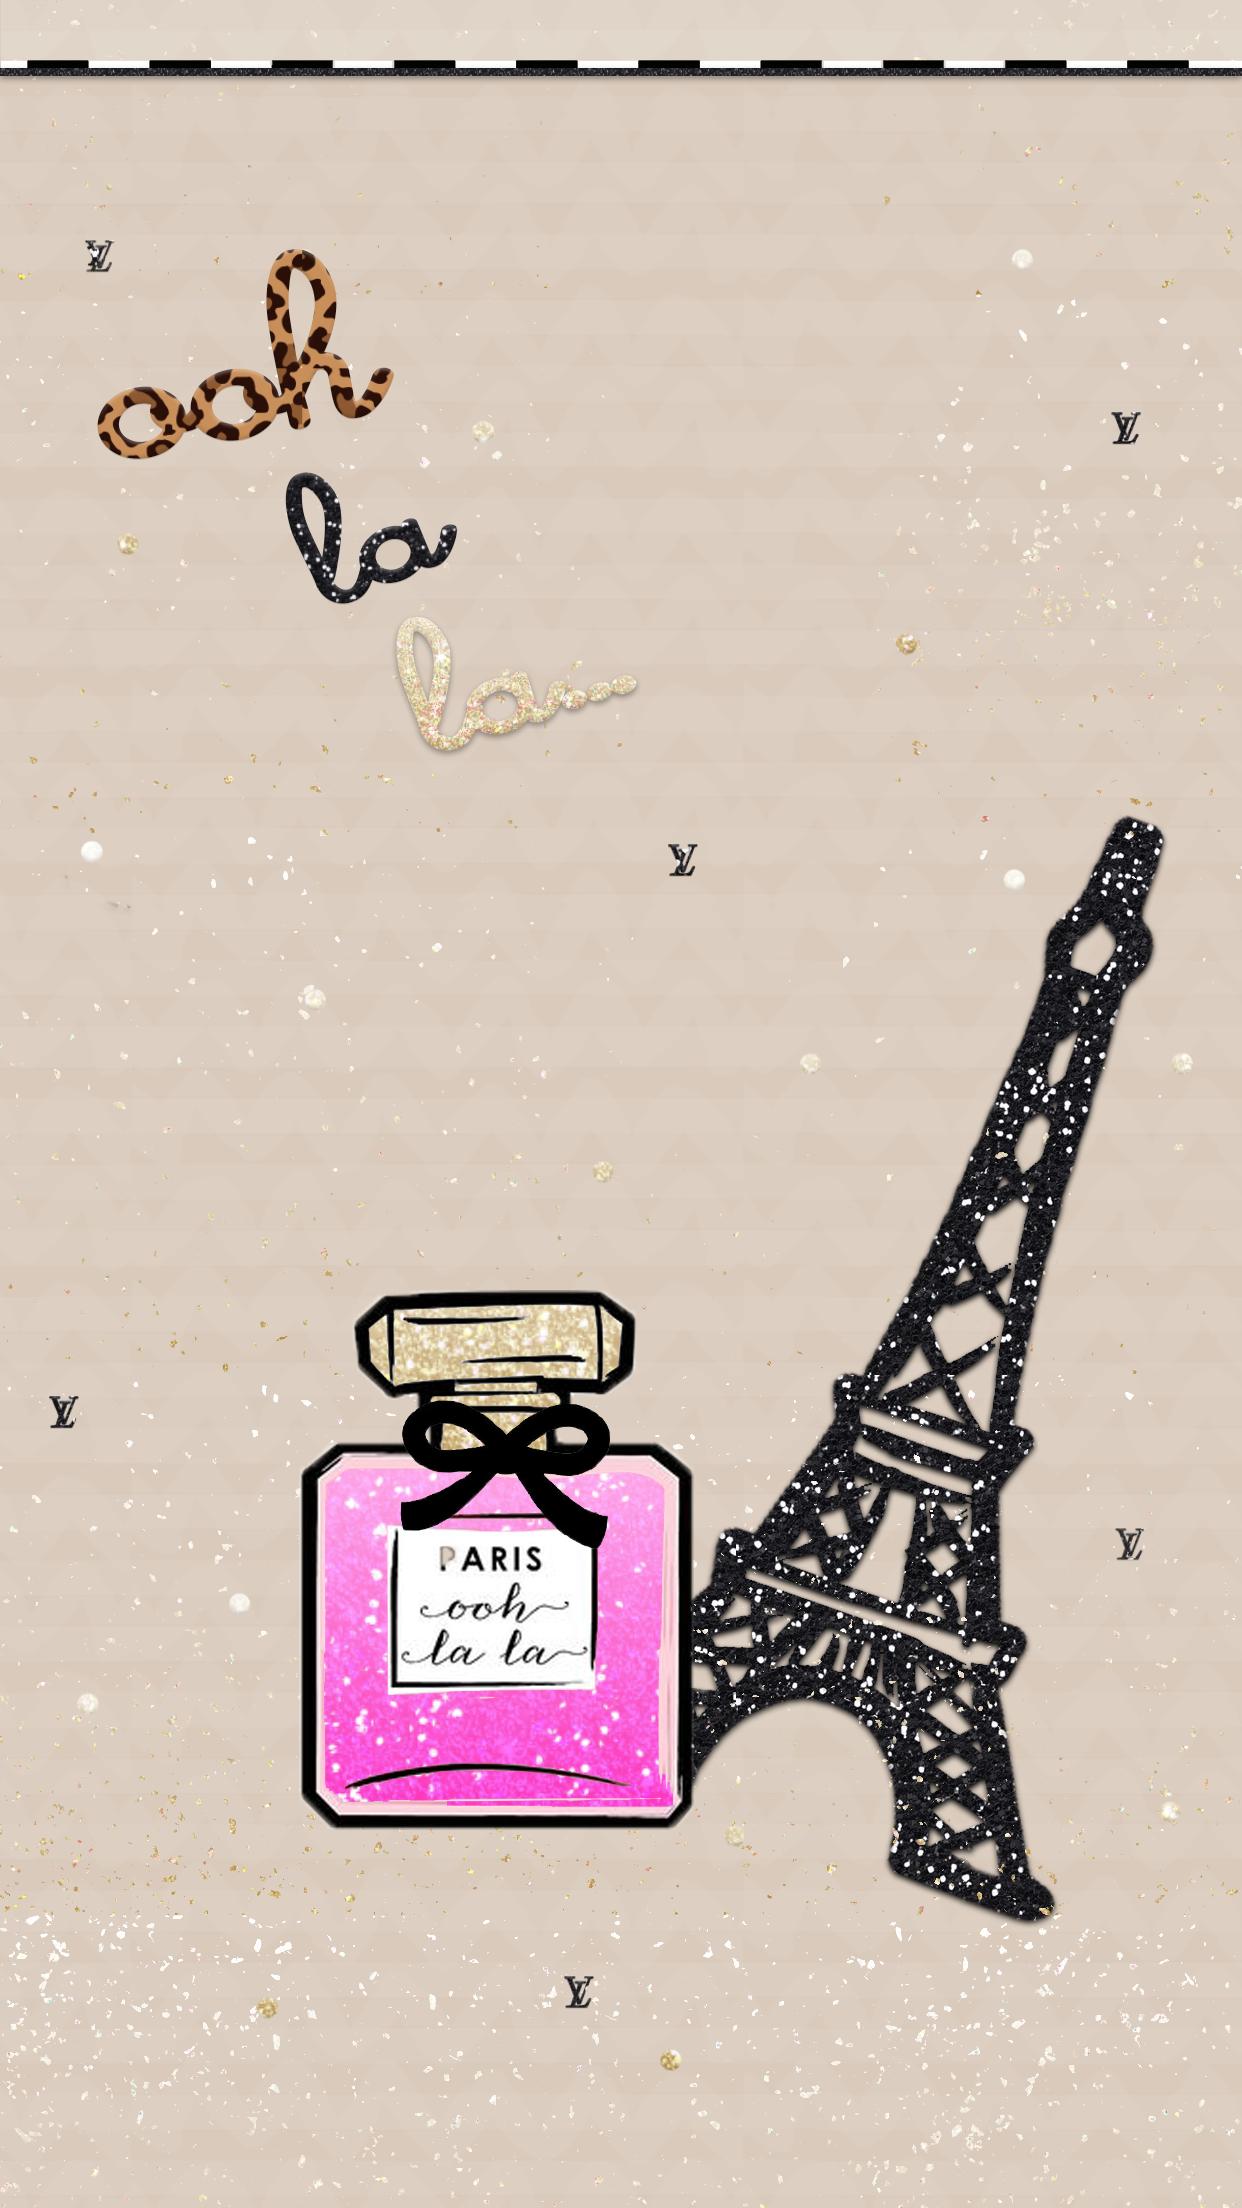 Gambar Wallpaper Kartun Paris - HD Wallpaper